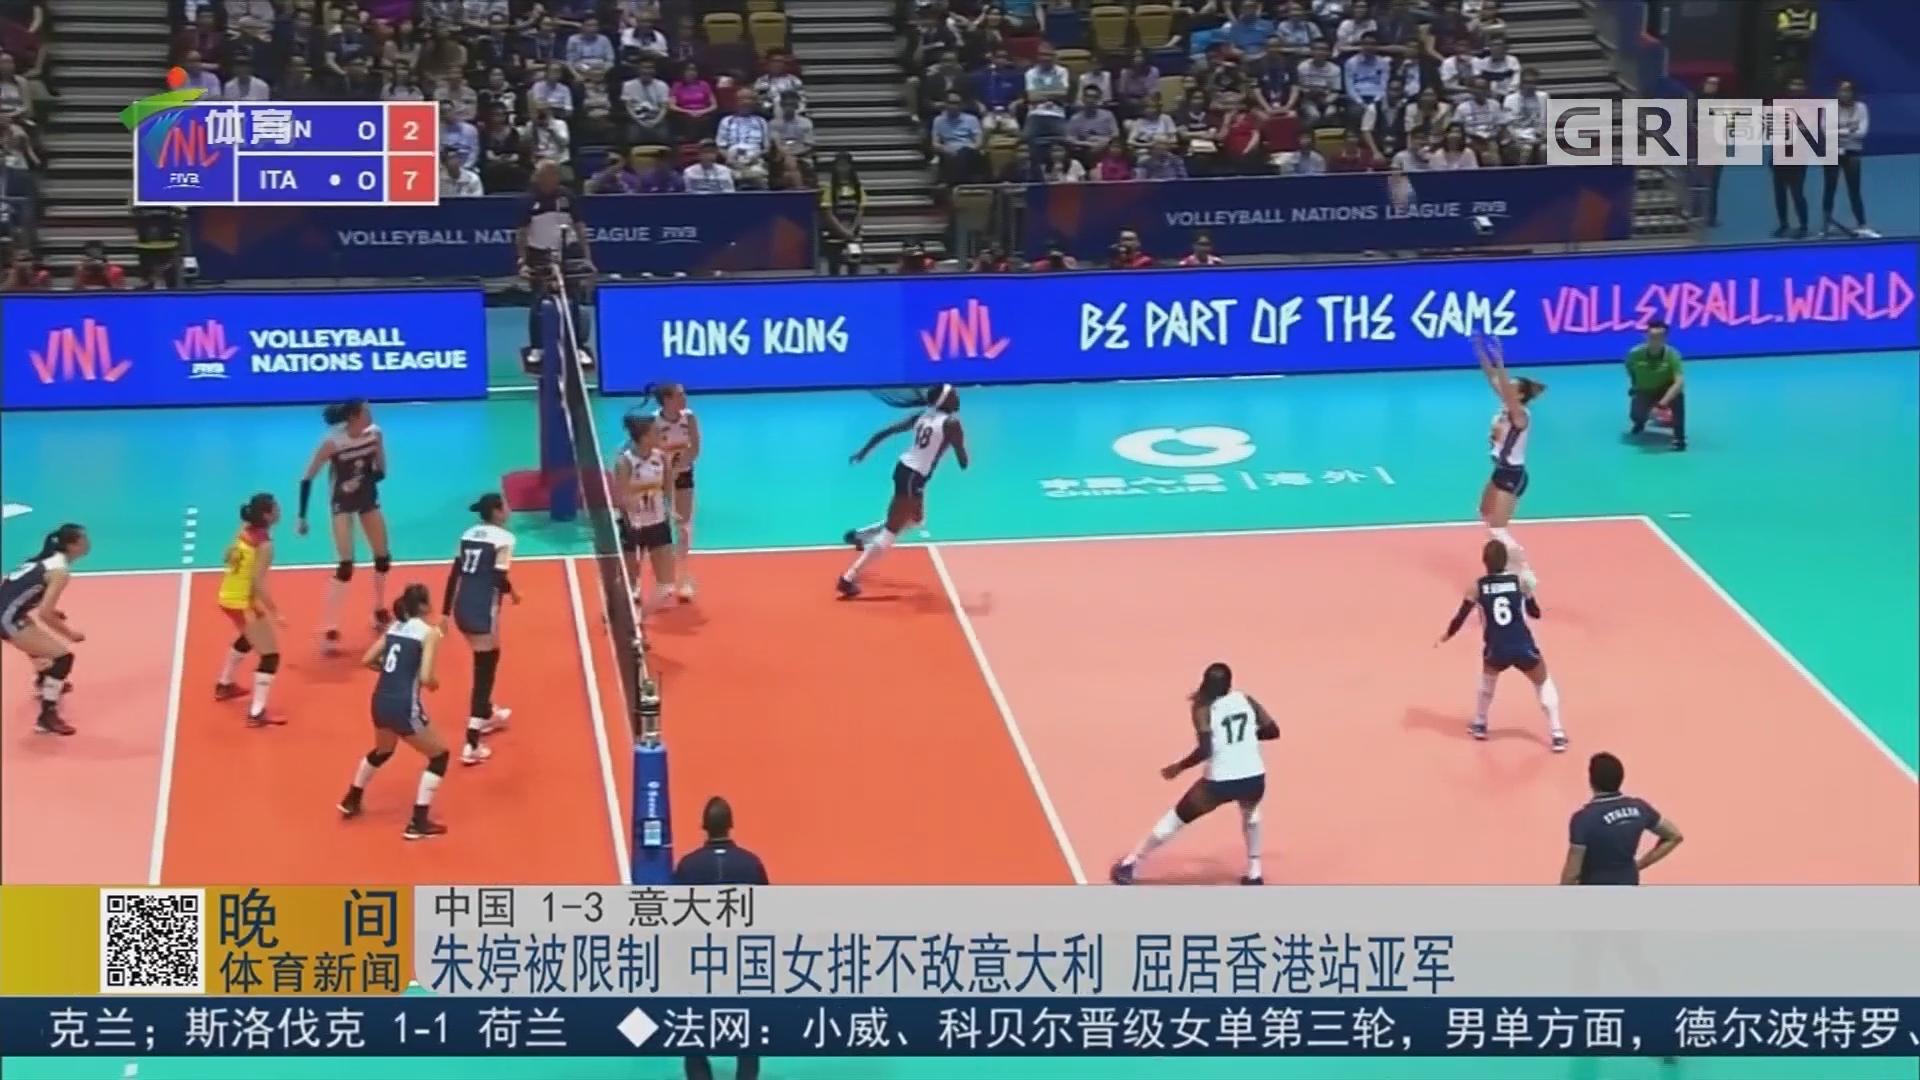 朱婷被限制 中国女排不敌意大利 屈居香港站亚军